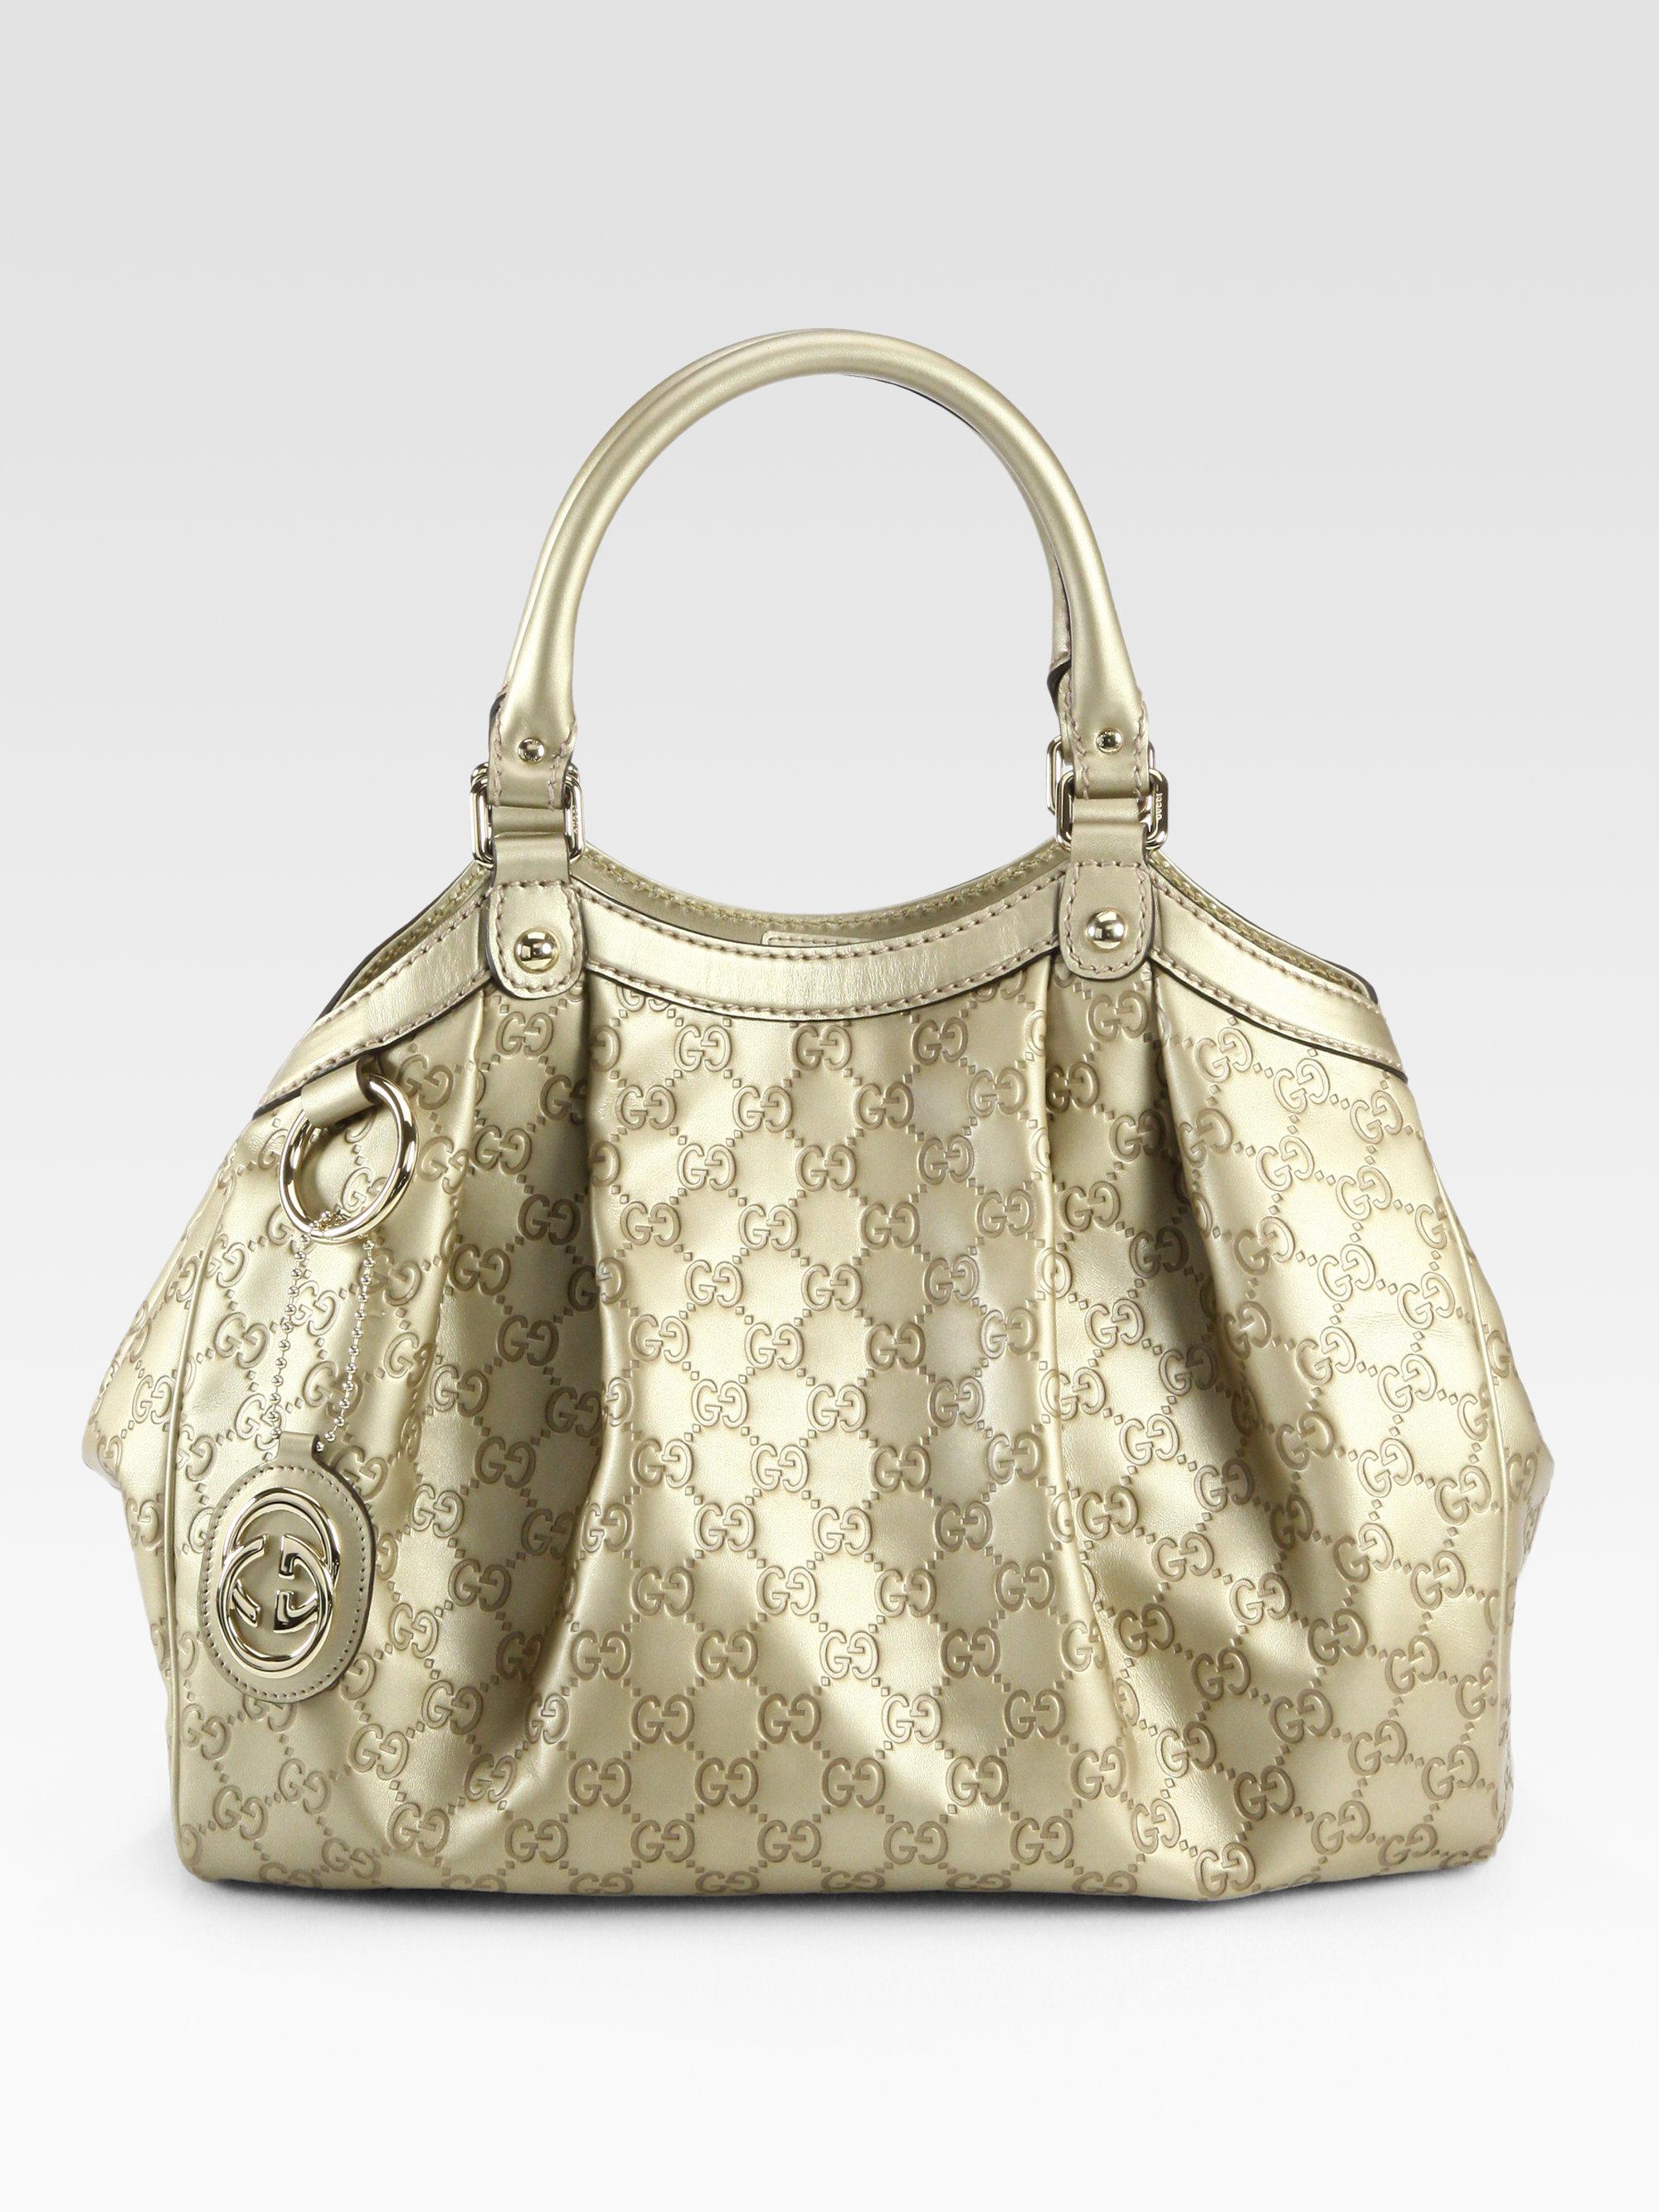 4c18c9f3b47c Gucci Sukey Medium Guccissima Tote Bag in Metallic - Lyst